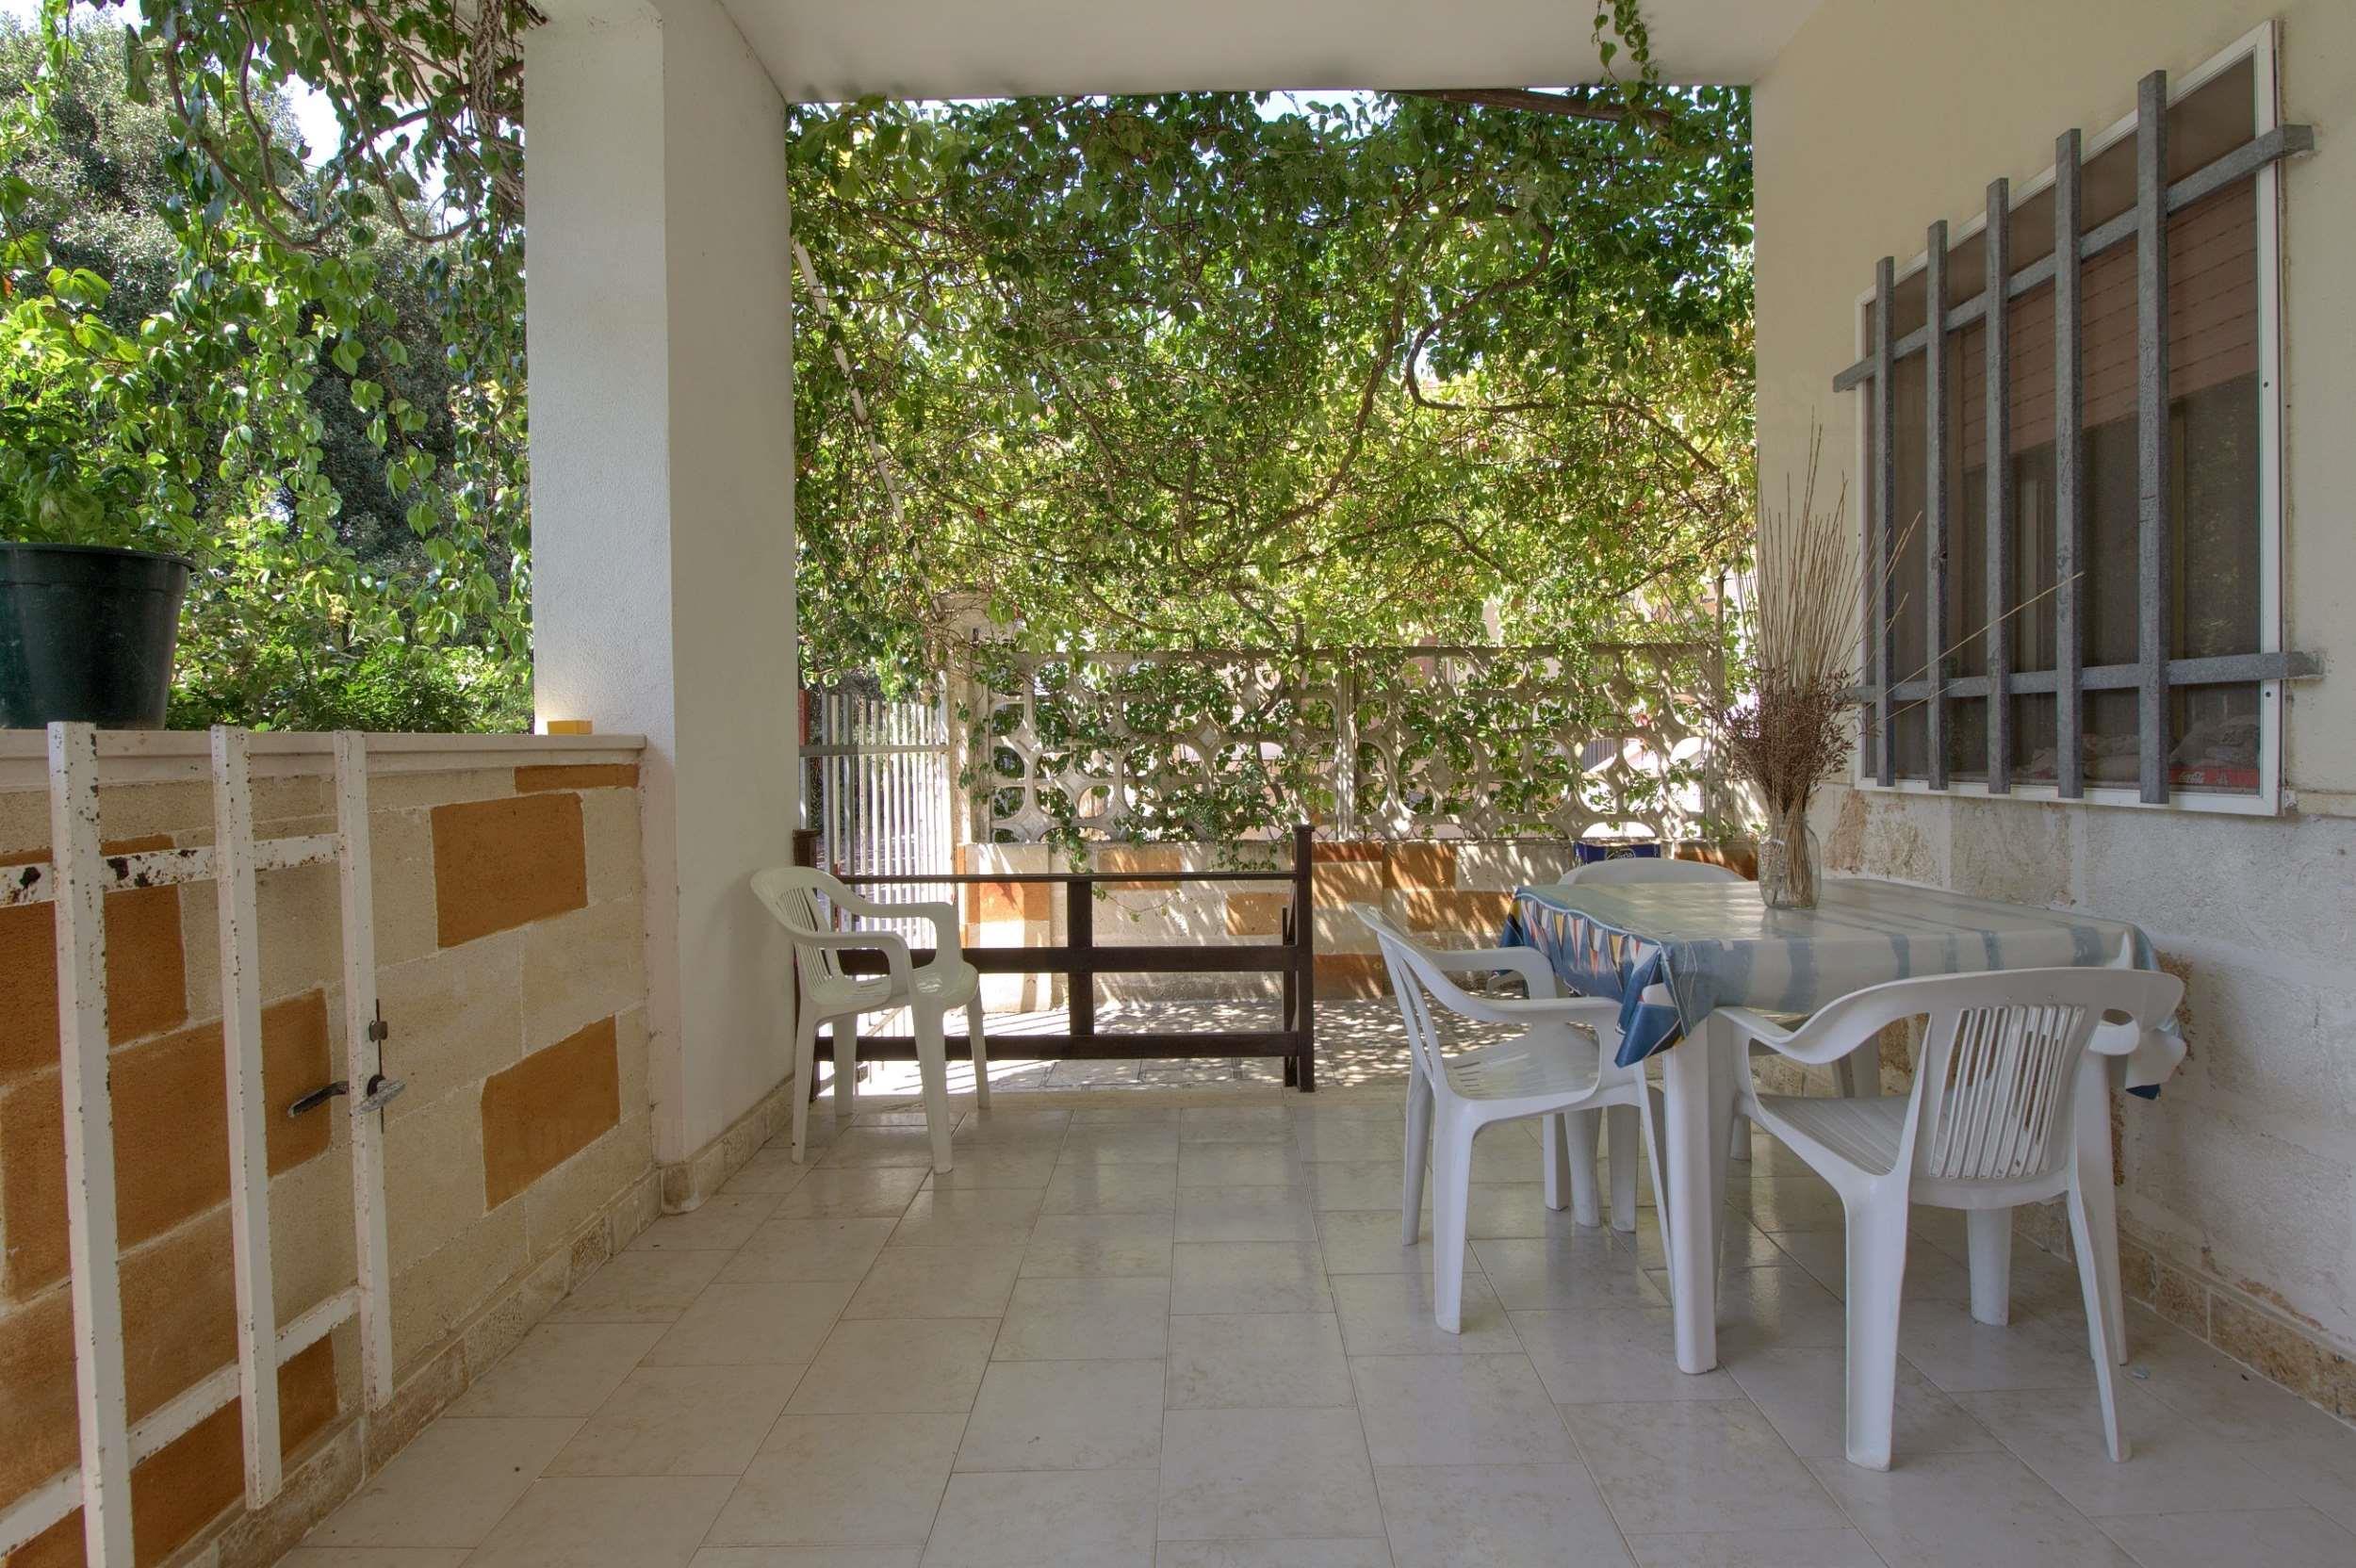 Apartment La Chioggia fronte spiaggia Specchiarica photo 22462799